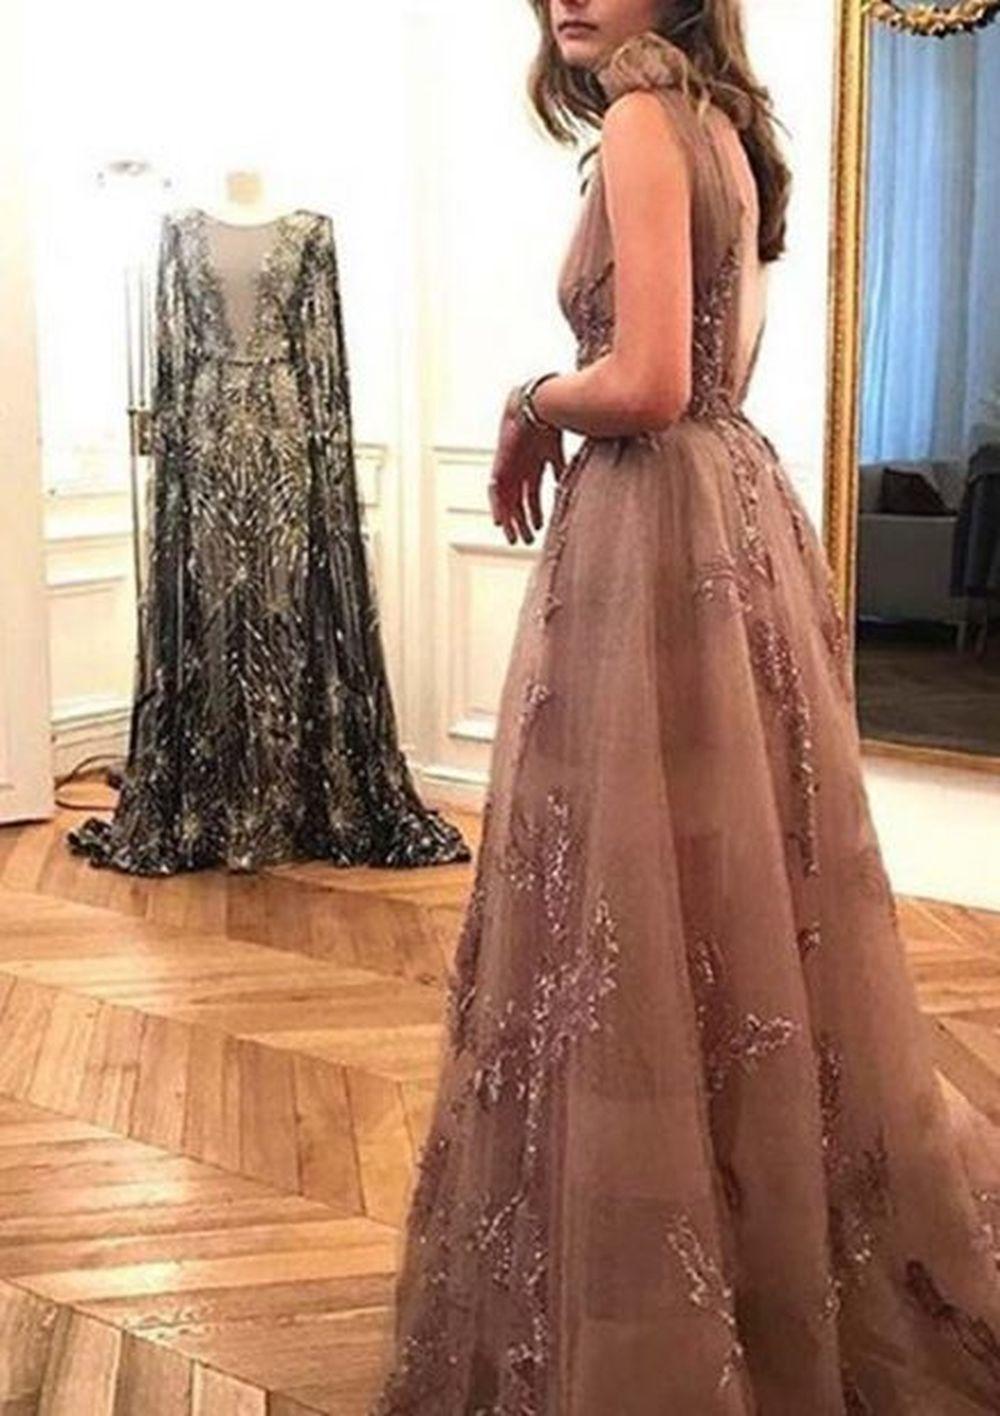 El impresionante vestido Zuhair Murad de Amina Martínez de Irujo.